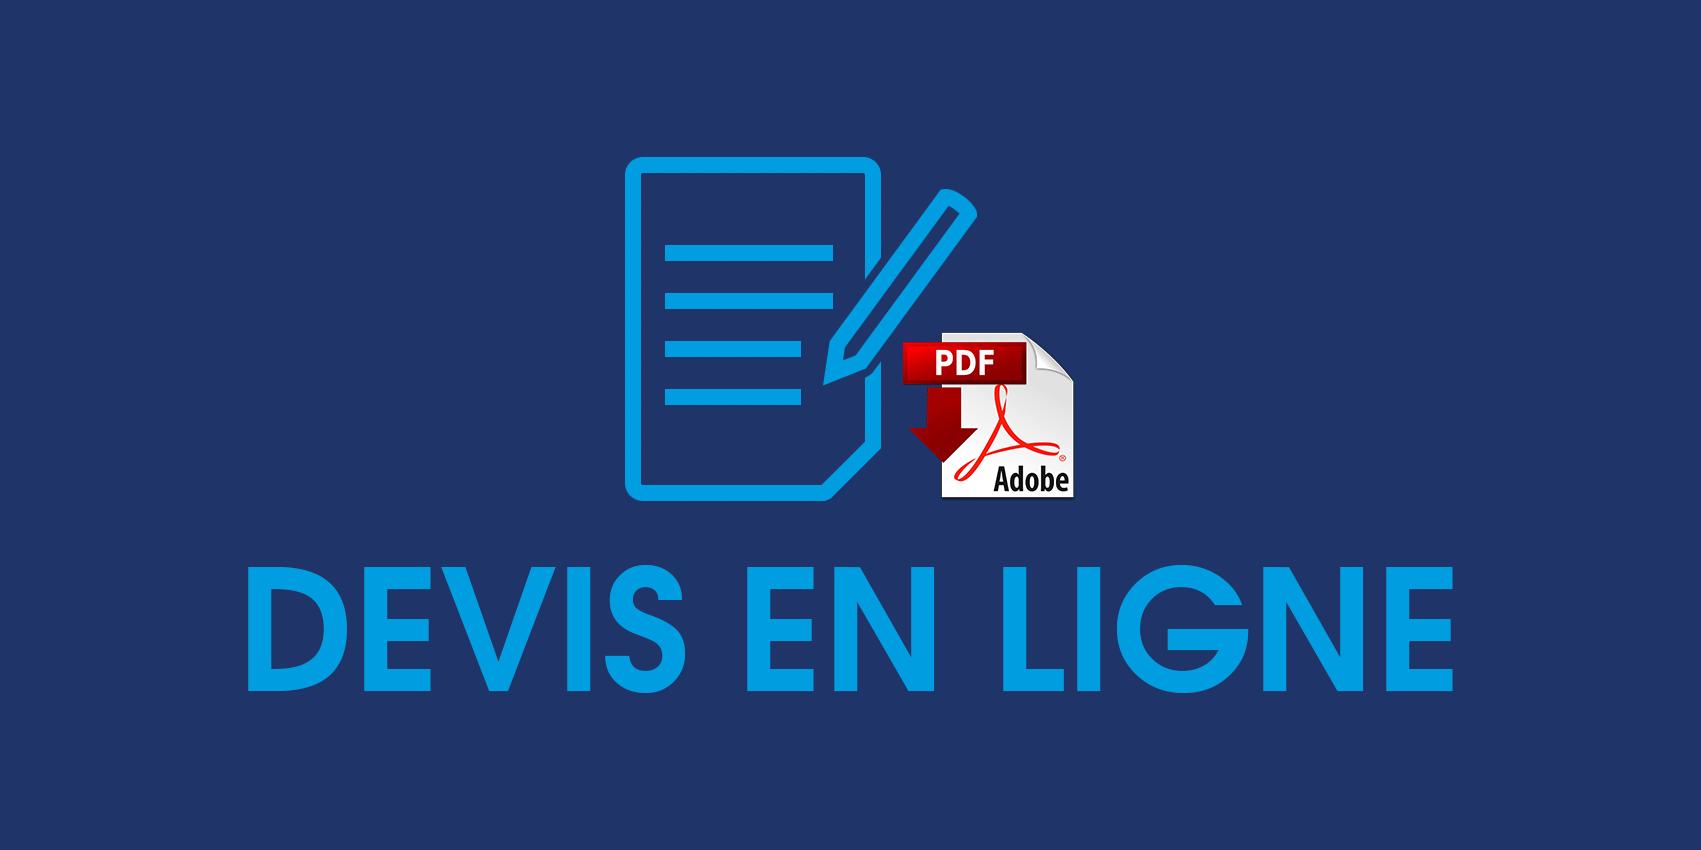 DEVIS-EN-LIGNE-BORDEAUX-LASERQUEST-2